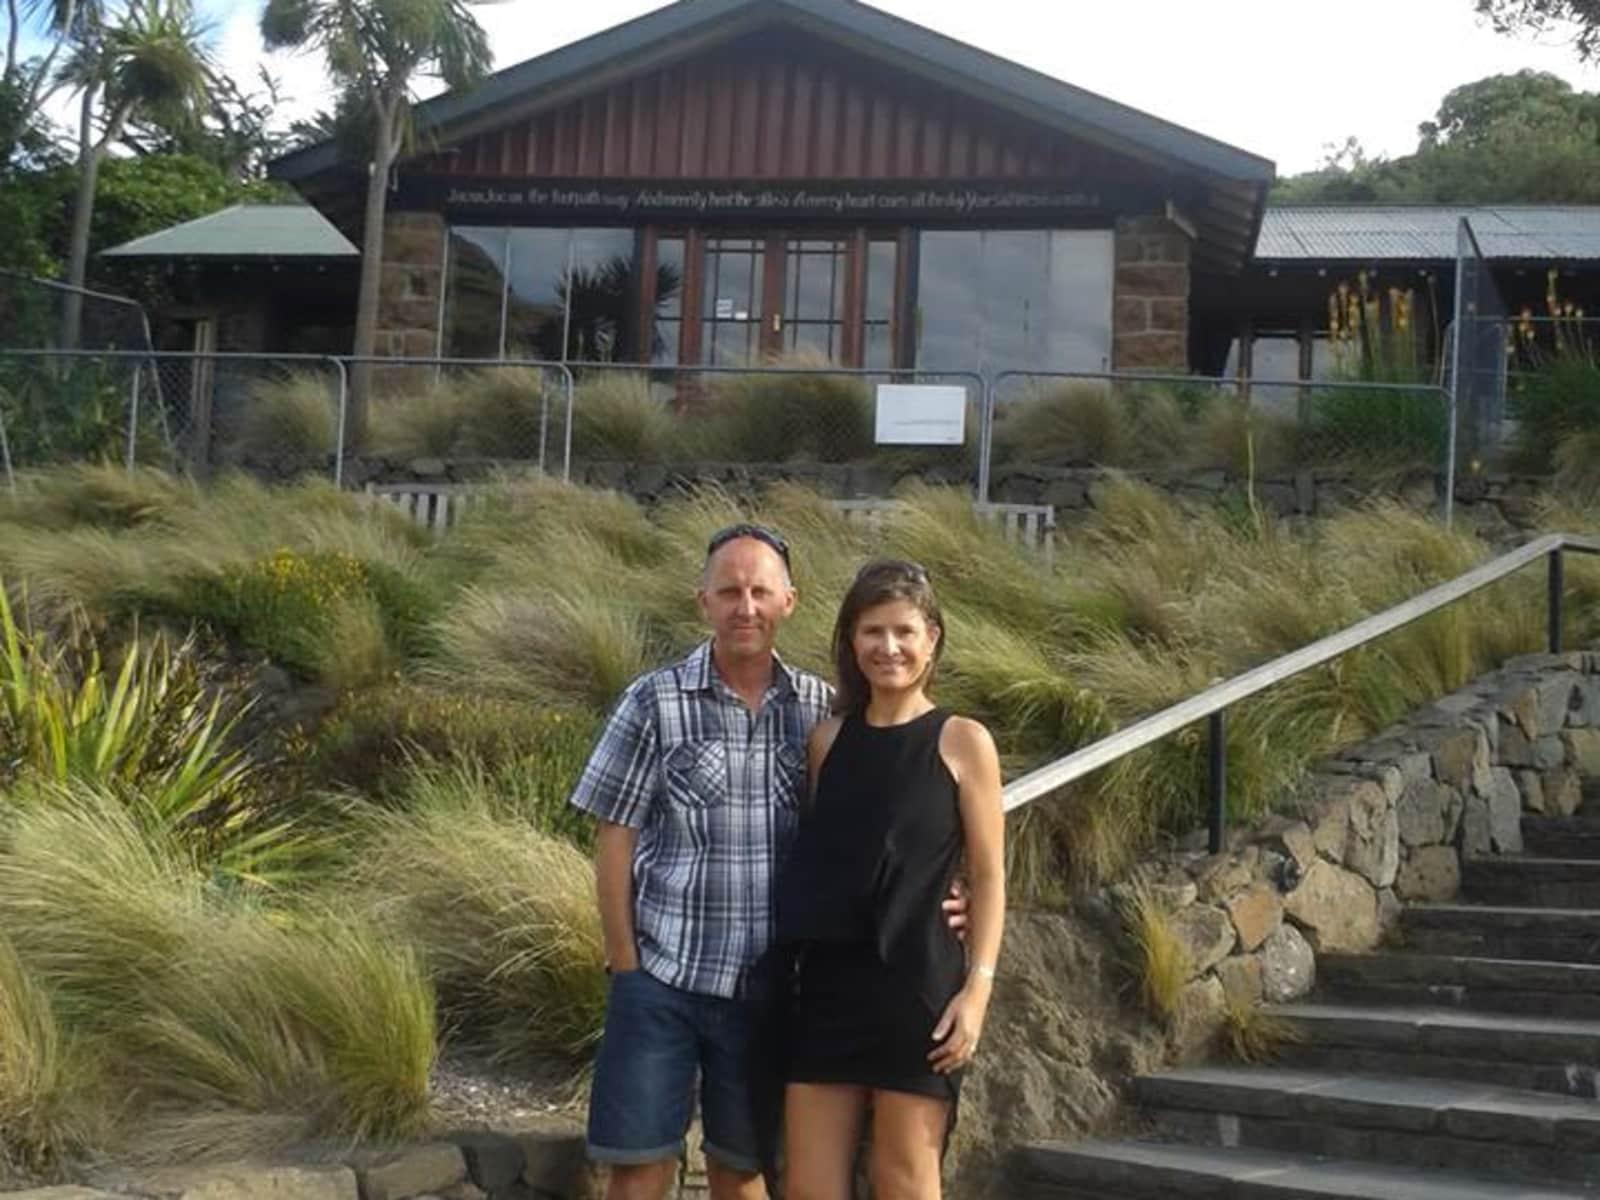 Carla & Grady from Nelson, New Zealand